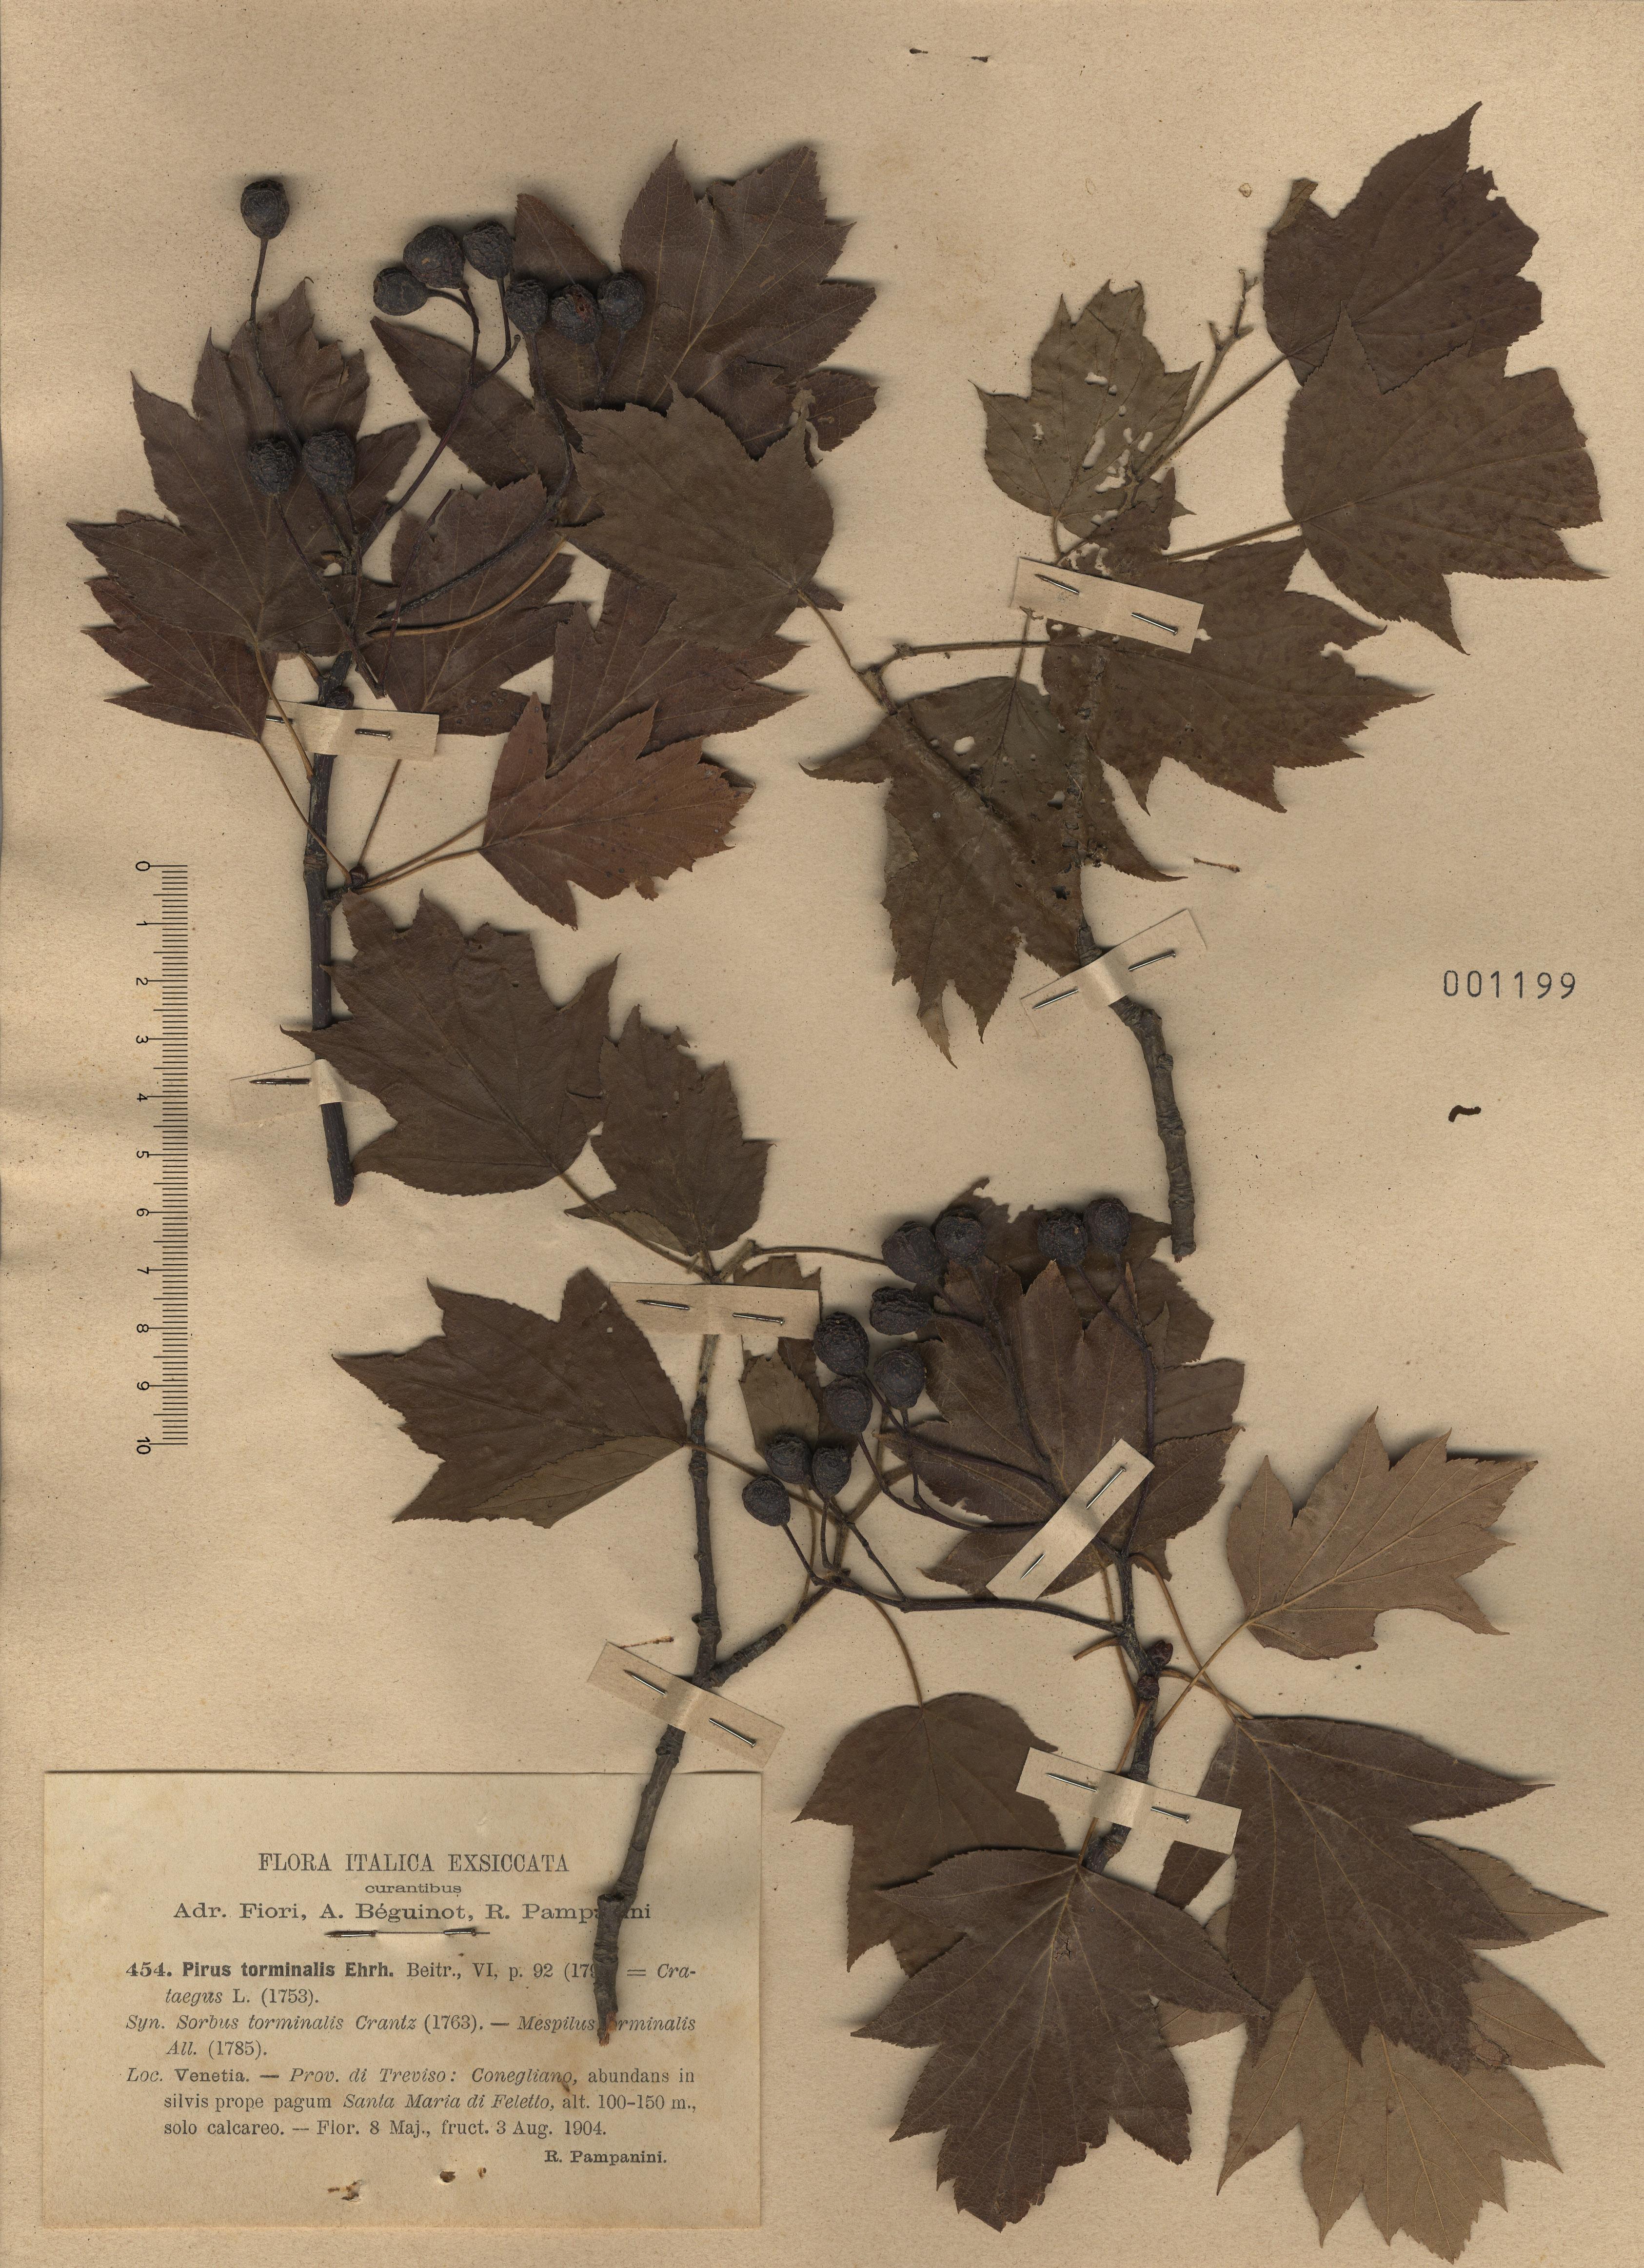 © Hortus Botanicus Catinensis - Herb. sheet 001199<br>